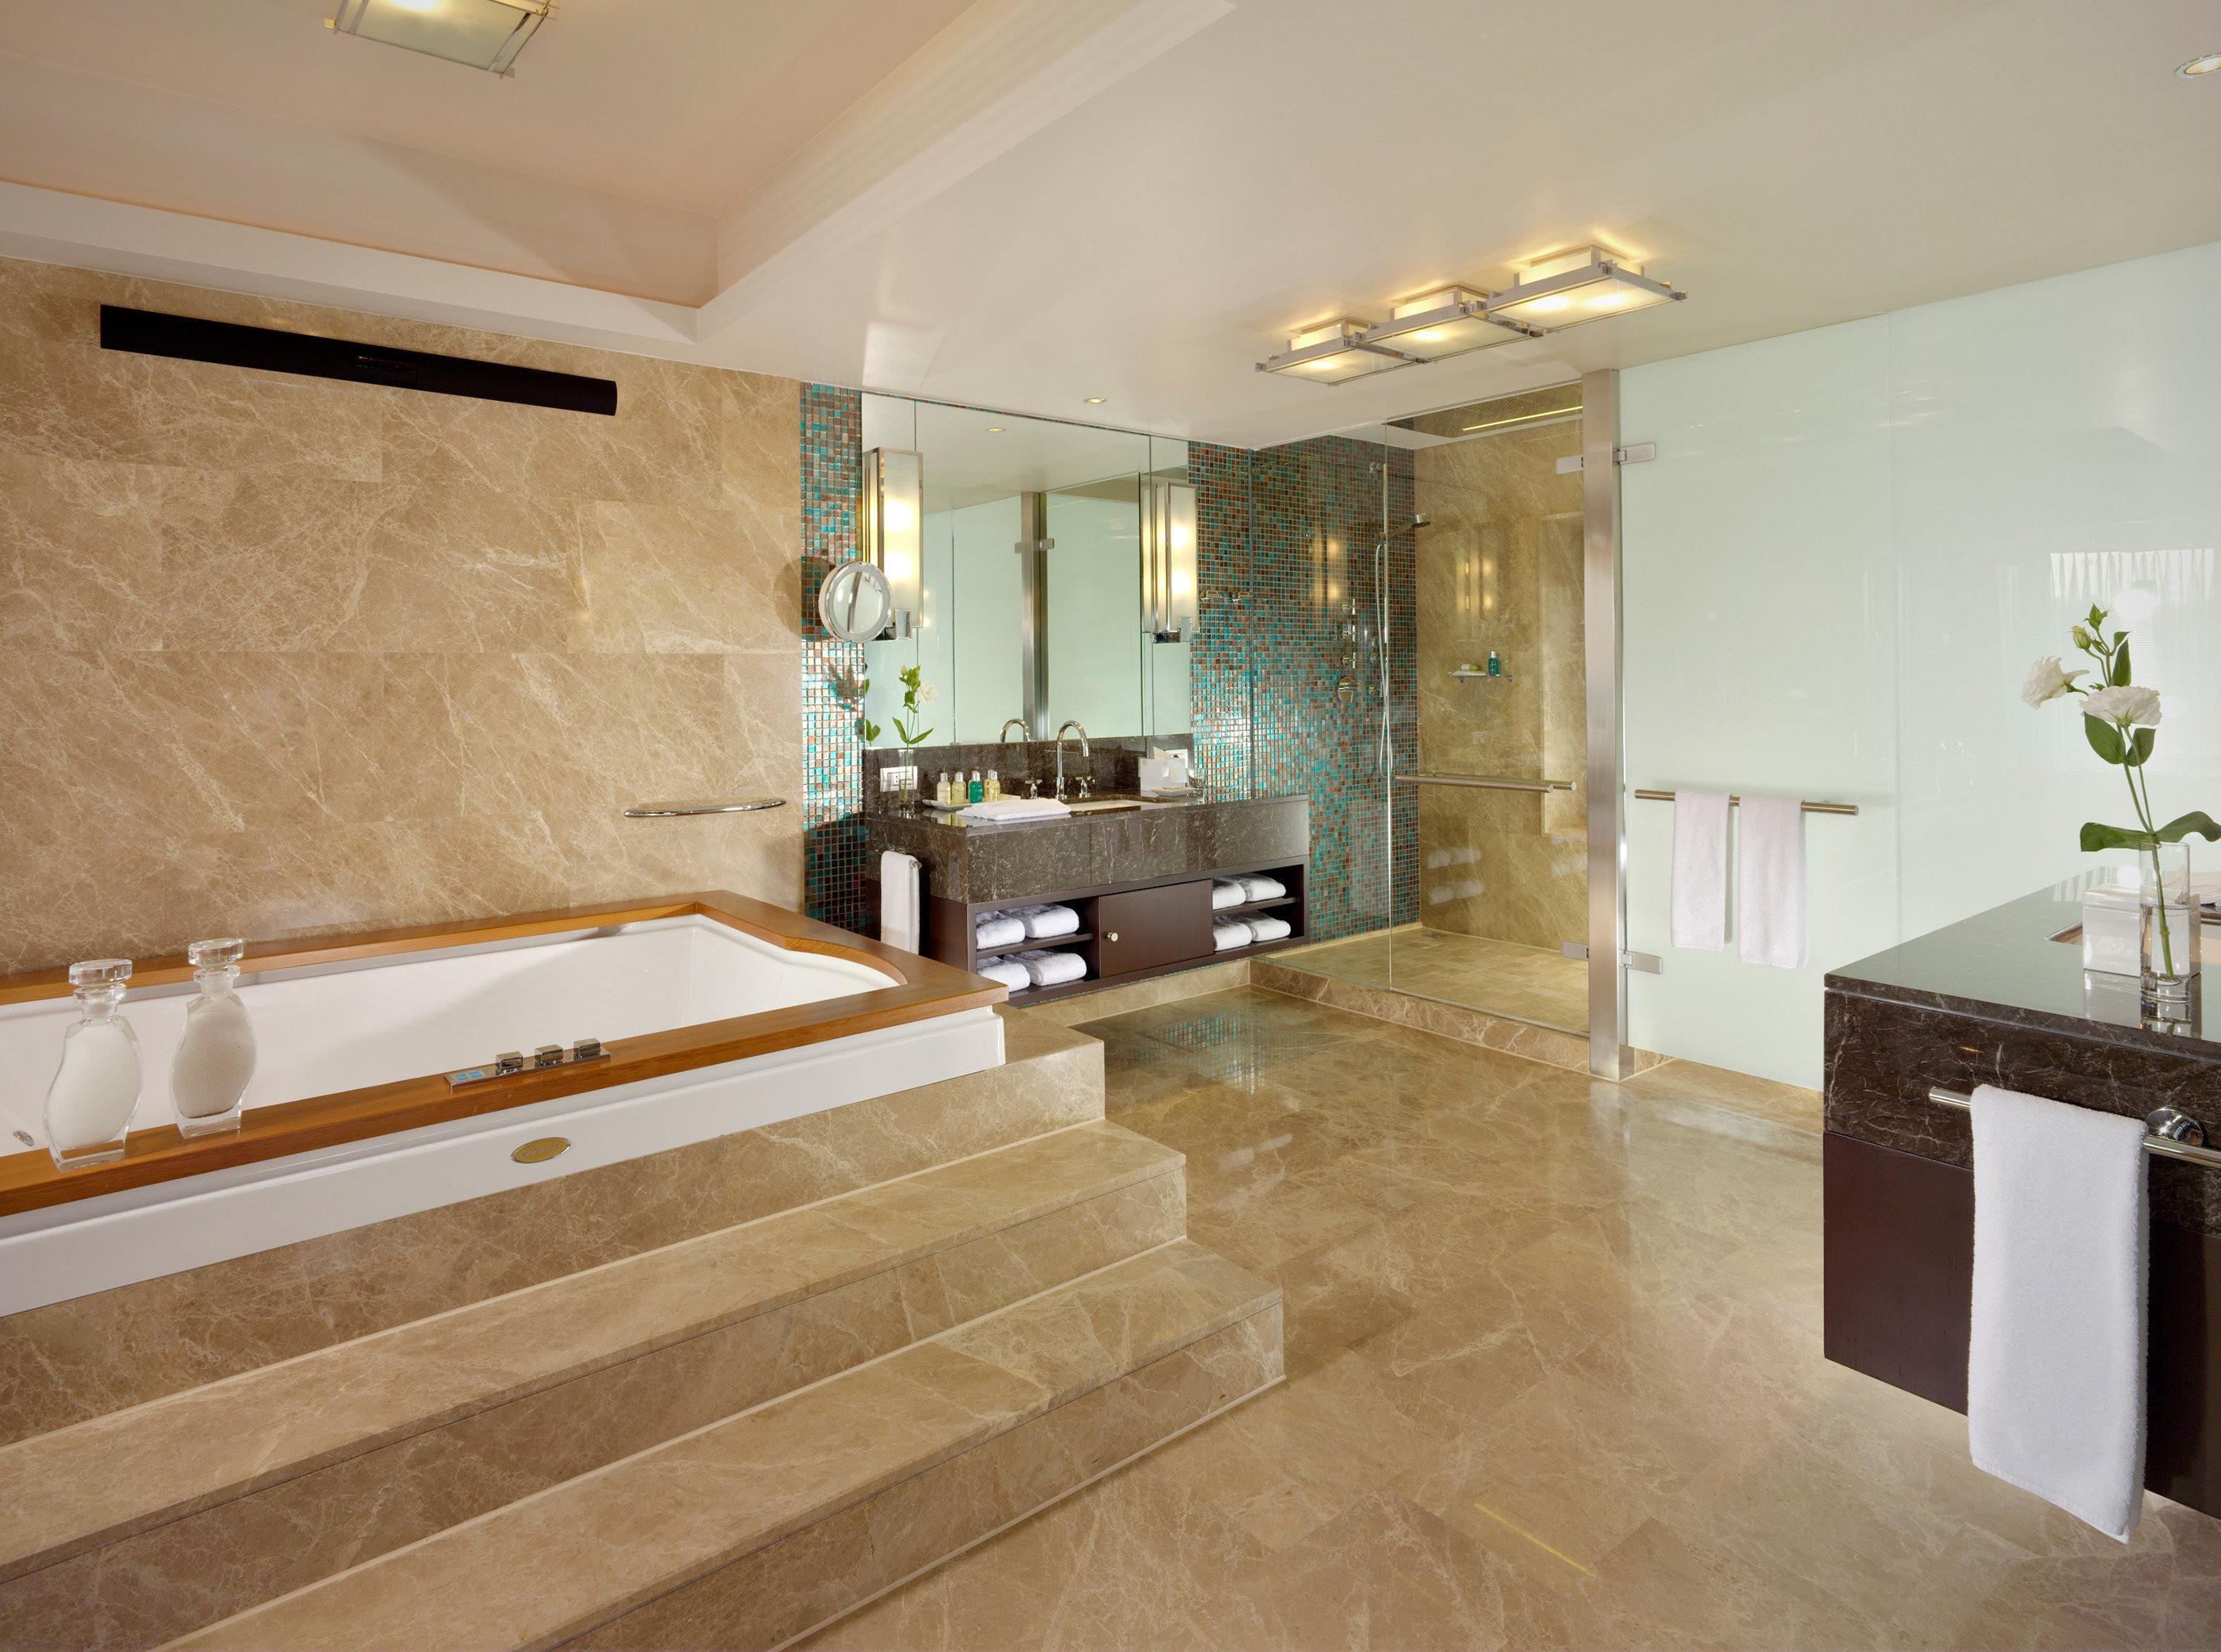 Bath Elegant Luxury property building bathroom flooring hardwood home Suite wood flooring countertop mansion